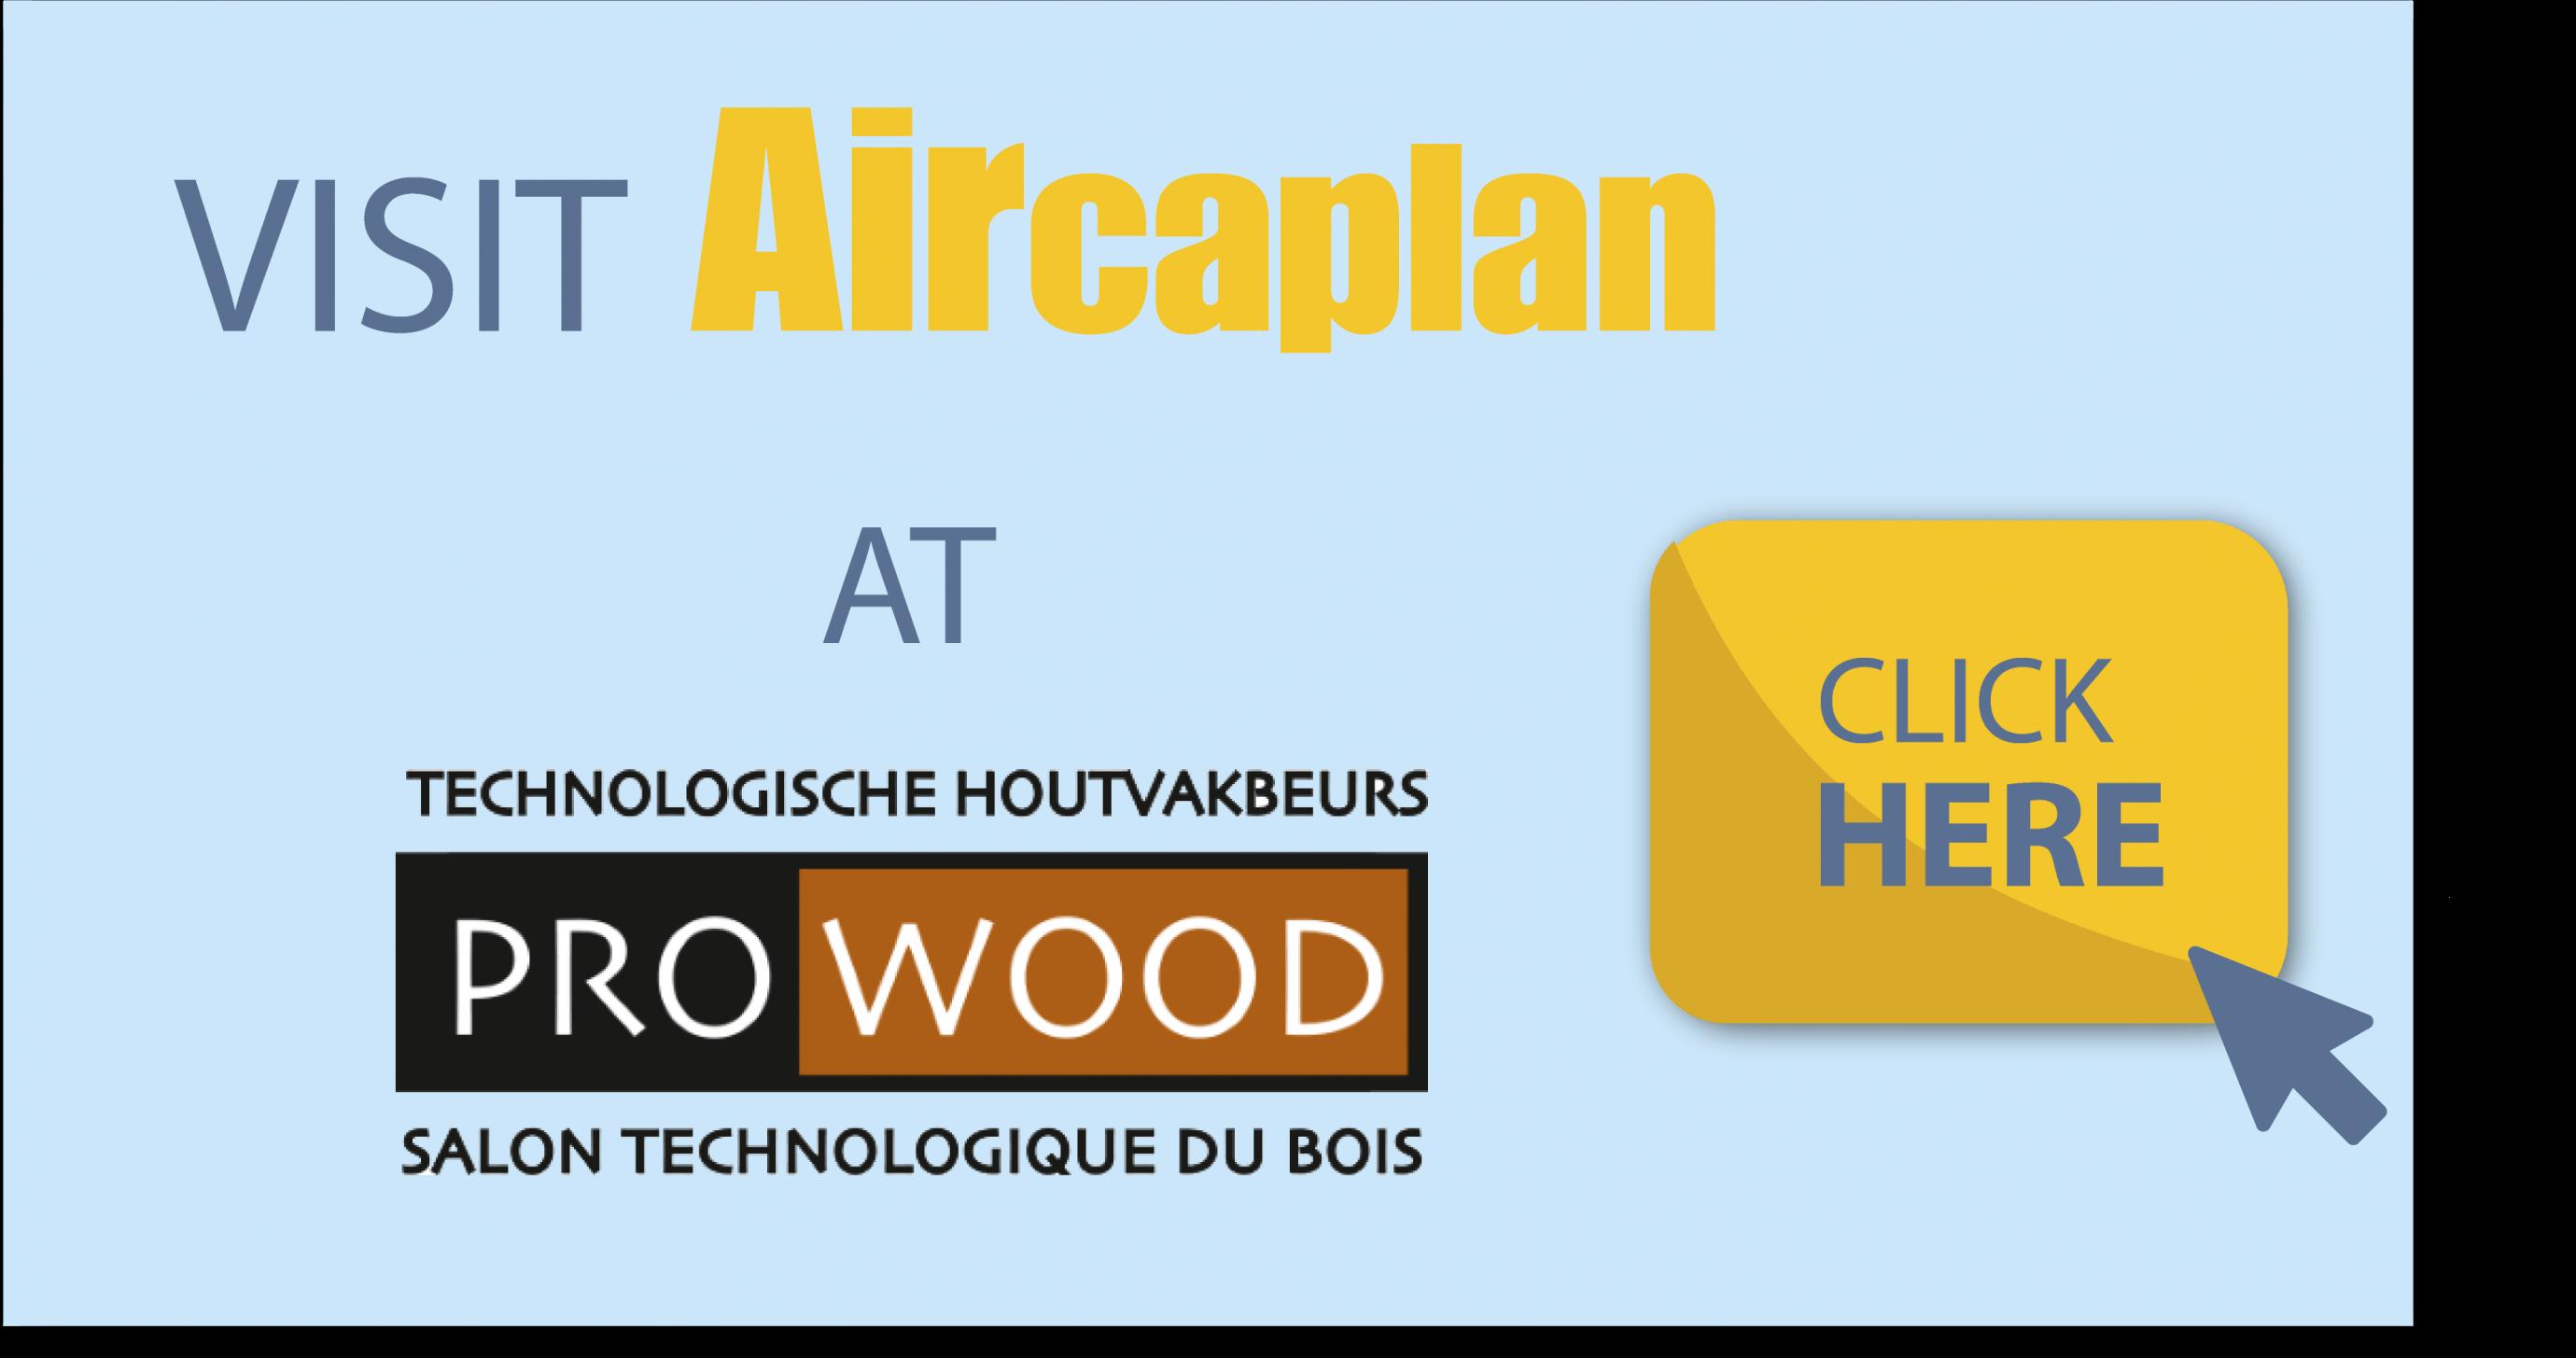 Visit Aircaplan at Prowood.png